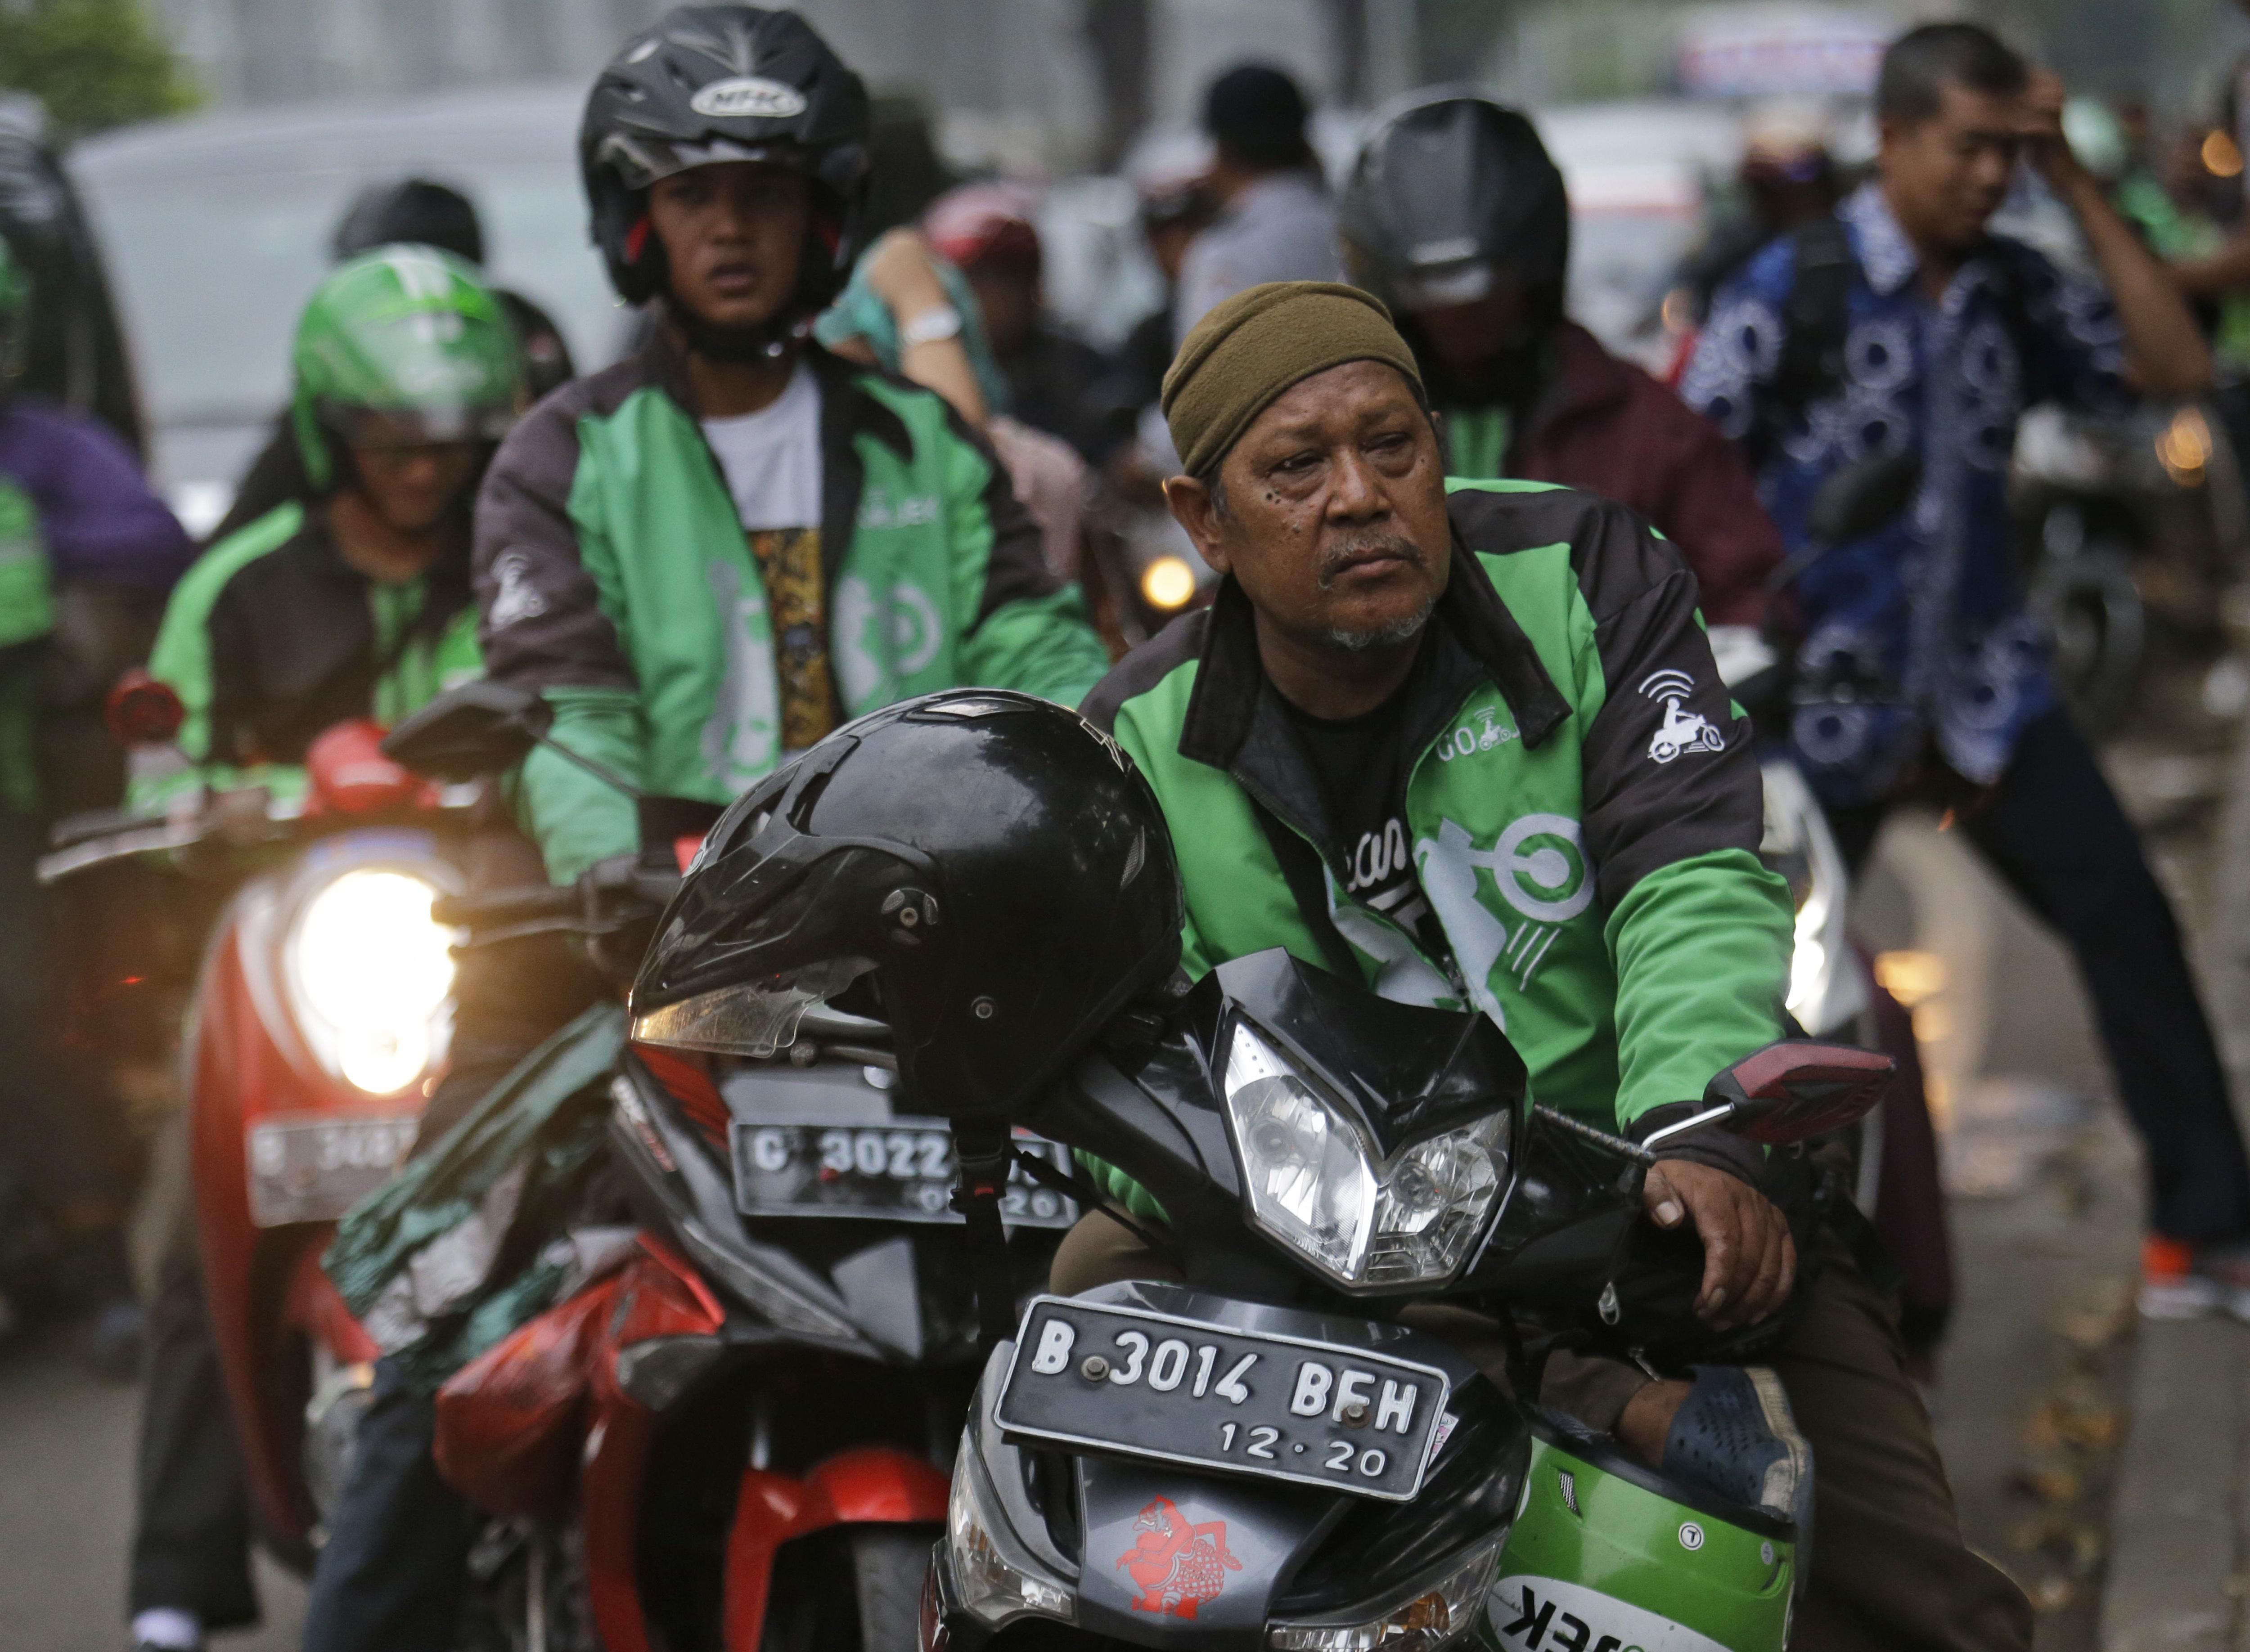 Hombres sentados en motocicletas a lo largo de una calle (© AP Images)